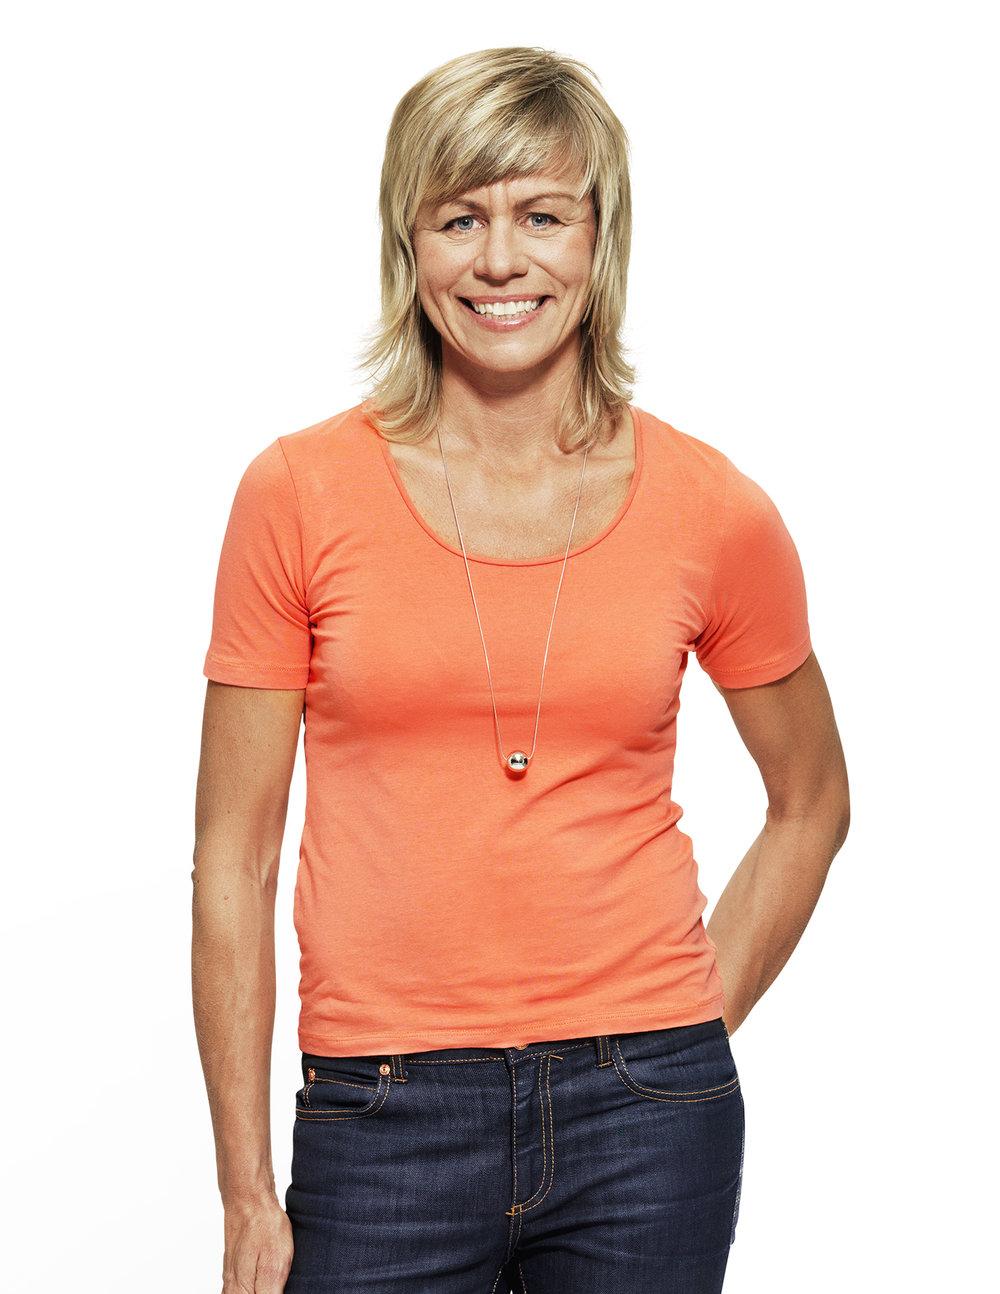 Louise-Konig-001.jpg